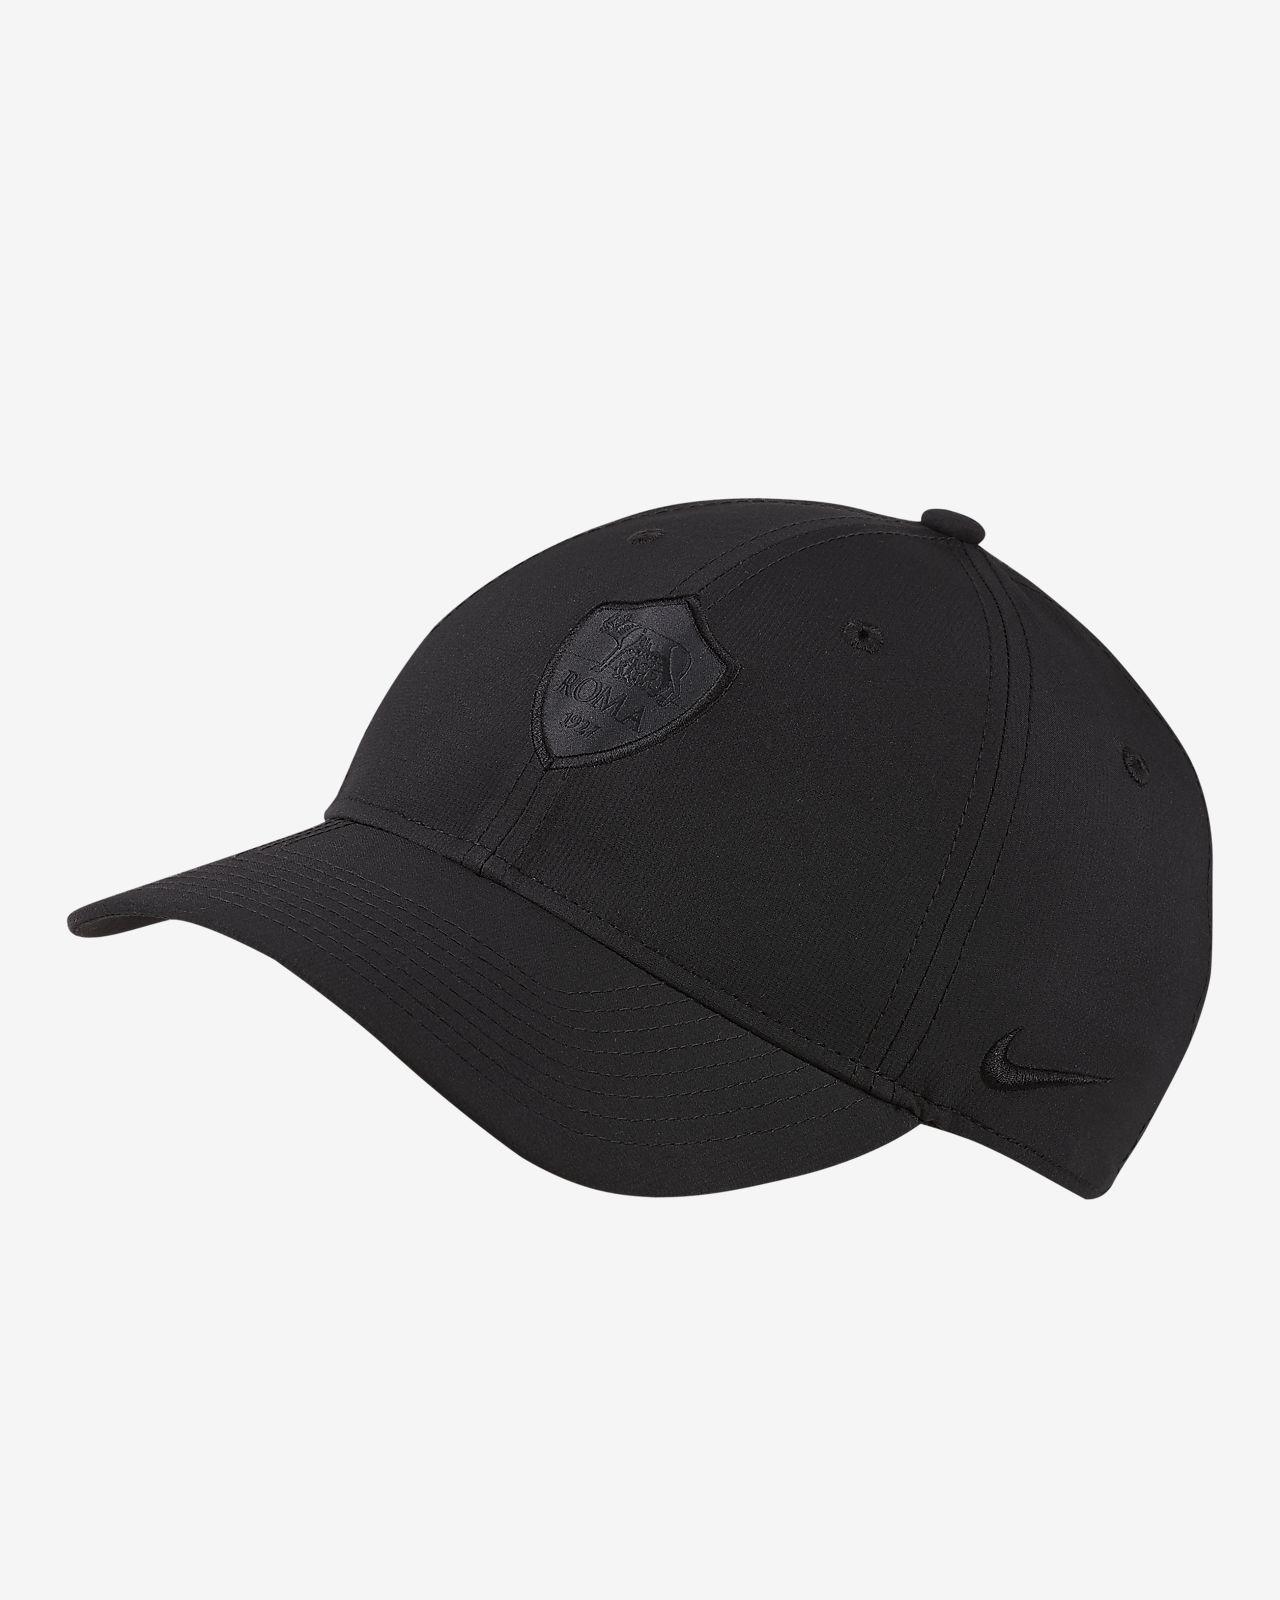 Regulowana czapka A.S. Roma Legacy91